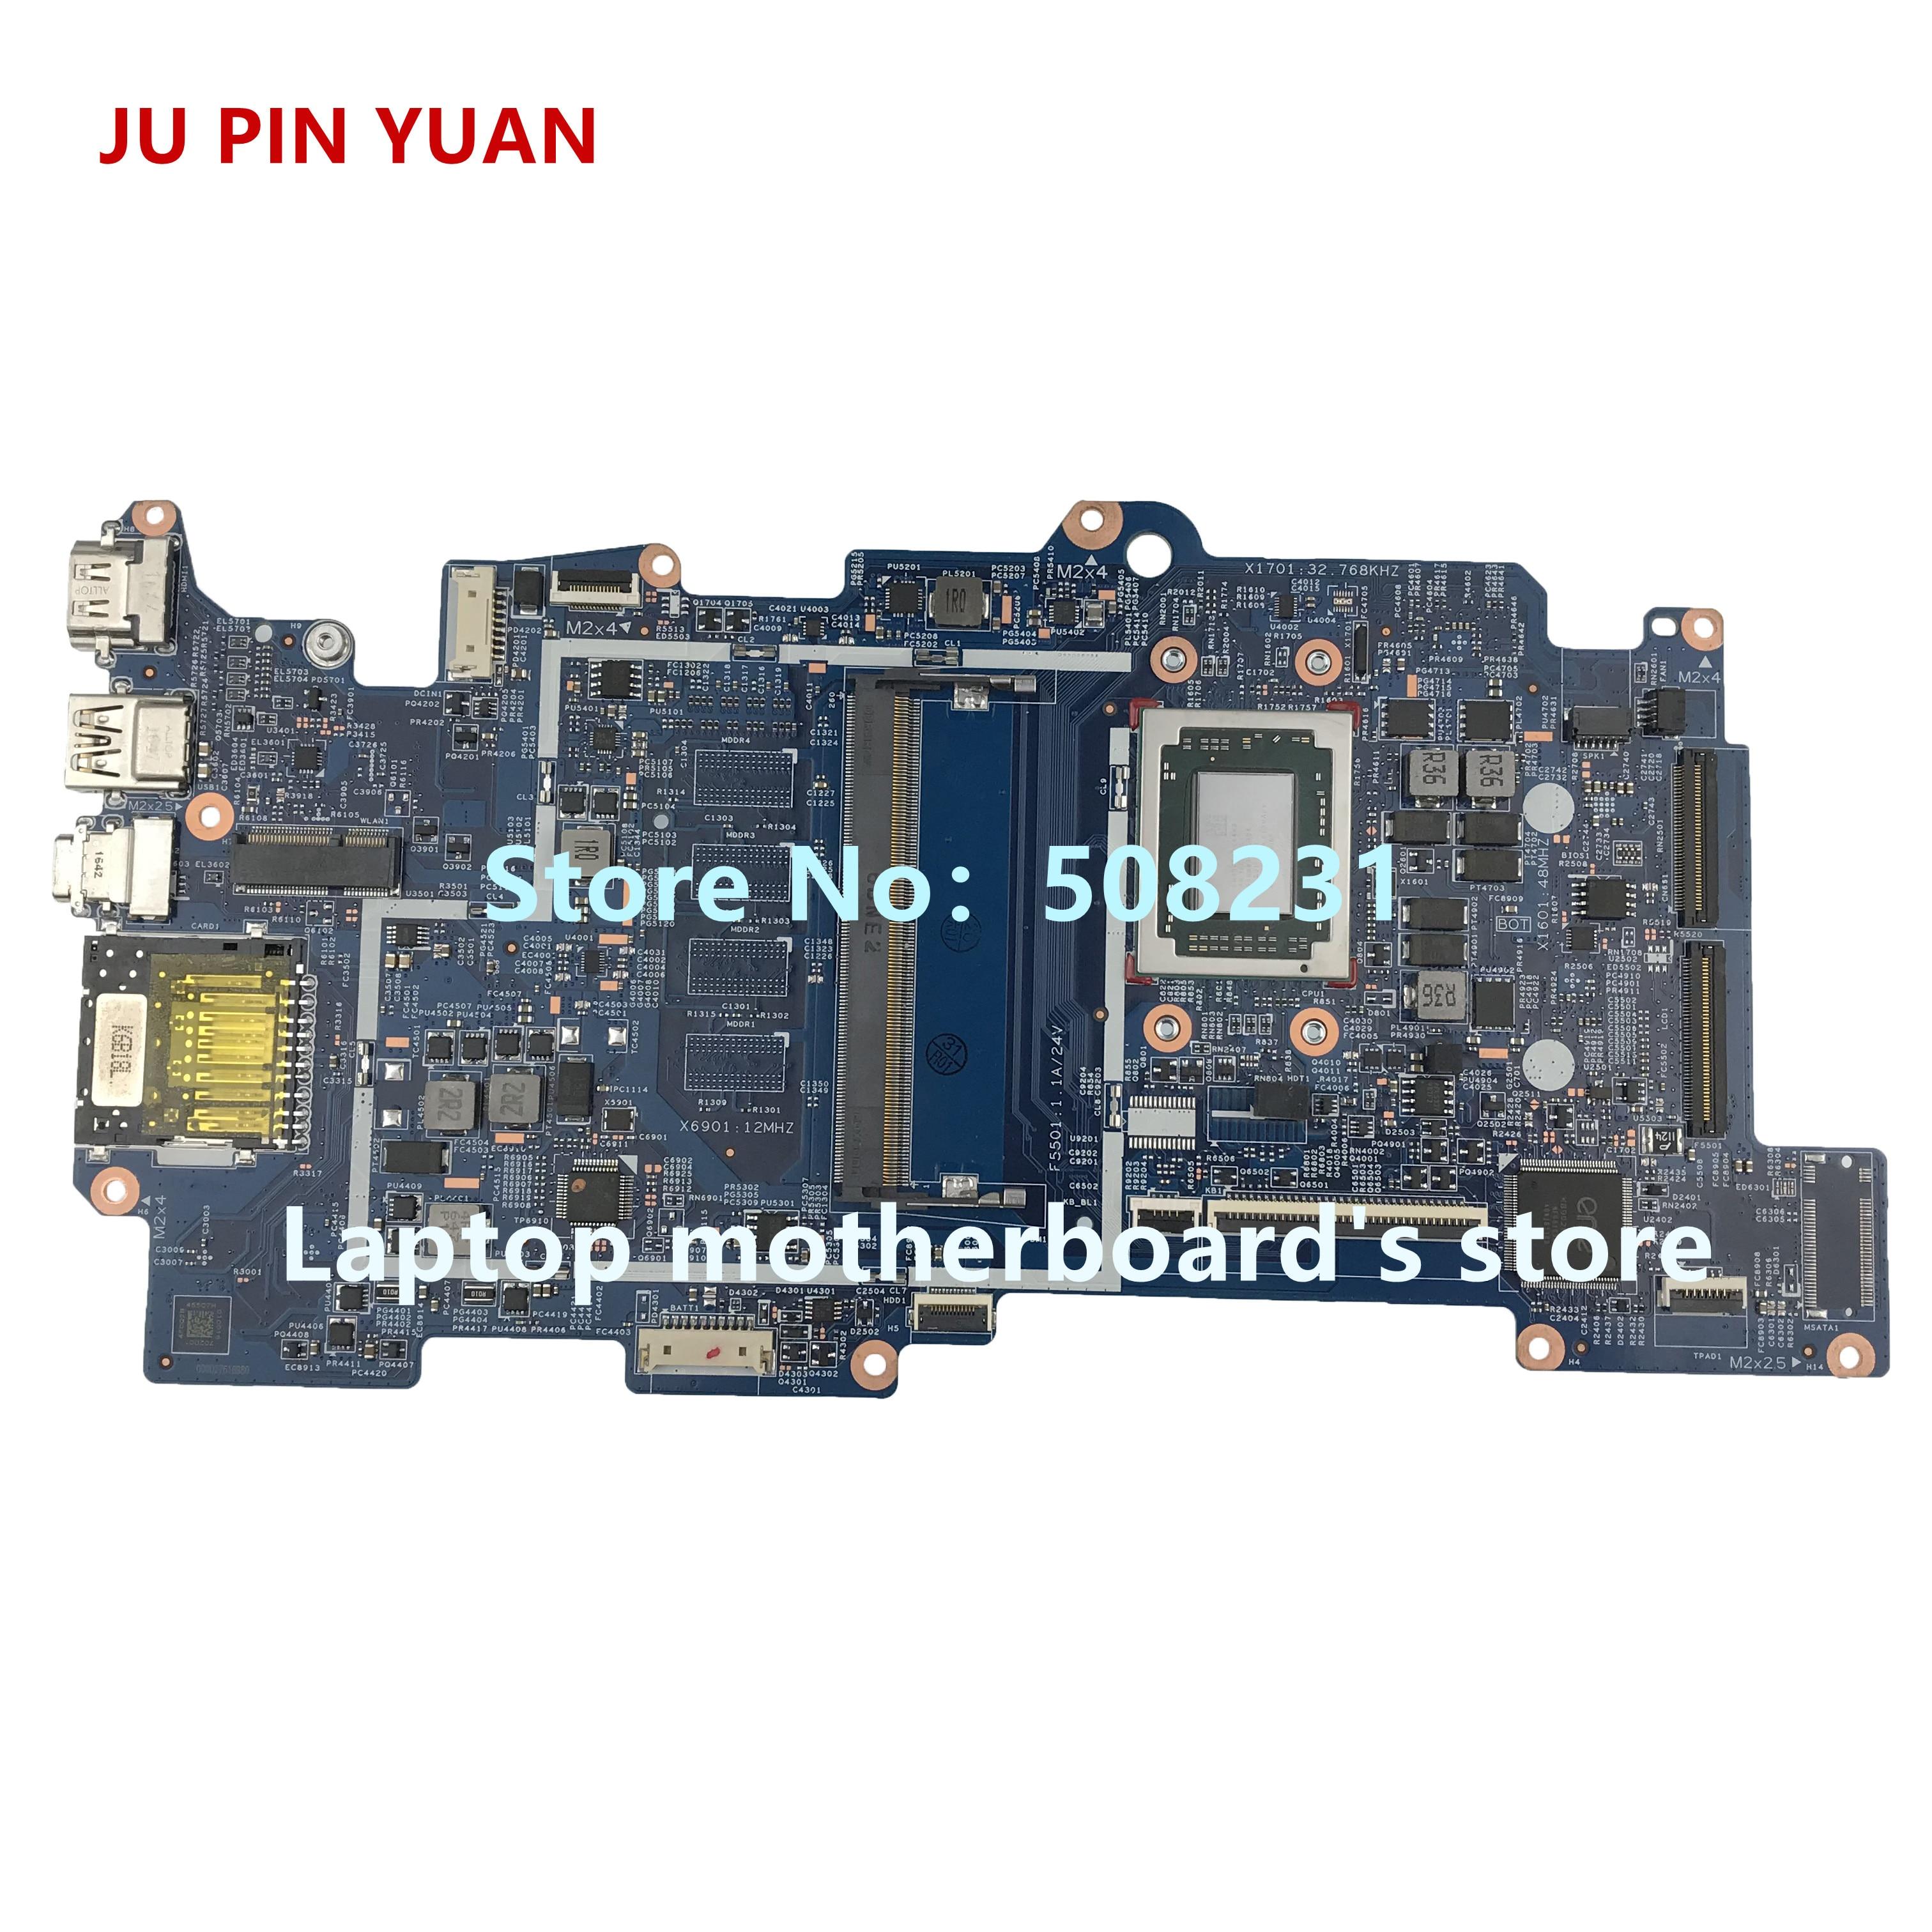 Материнская плата для HP ENVY X360 15-AR 15Z-AR M6-AR материнская плата для ноутбука FX-9800P полностью протестирована